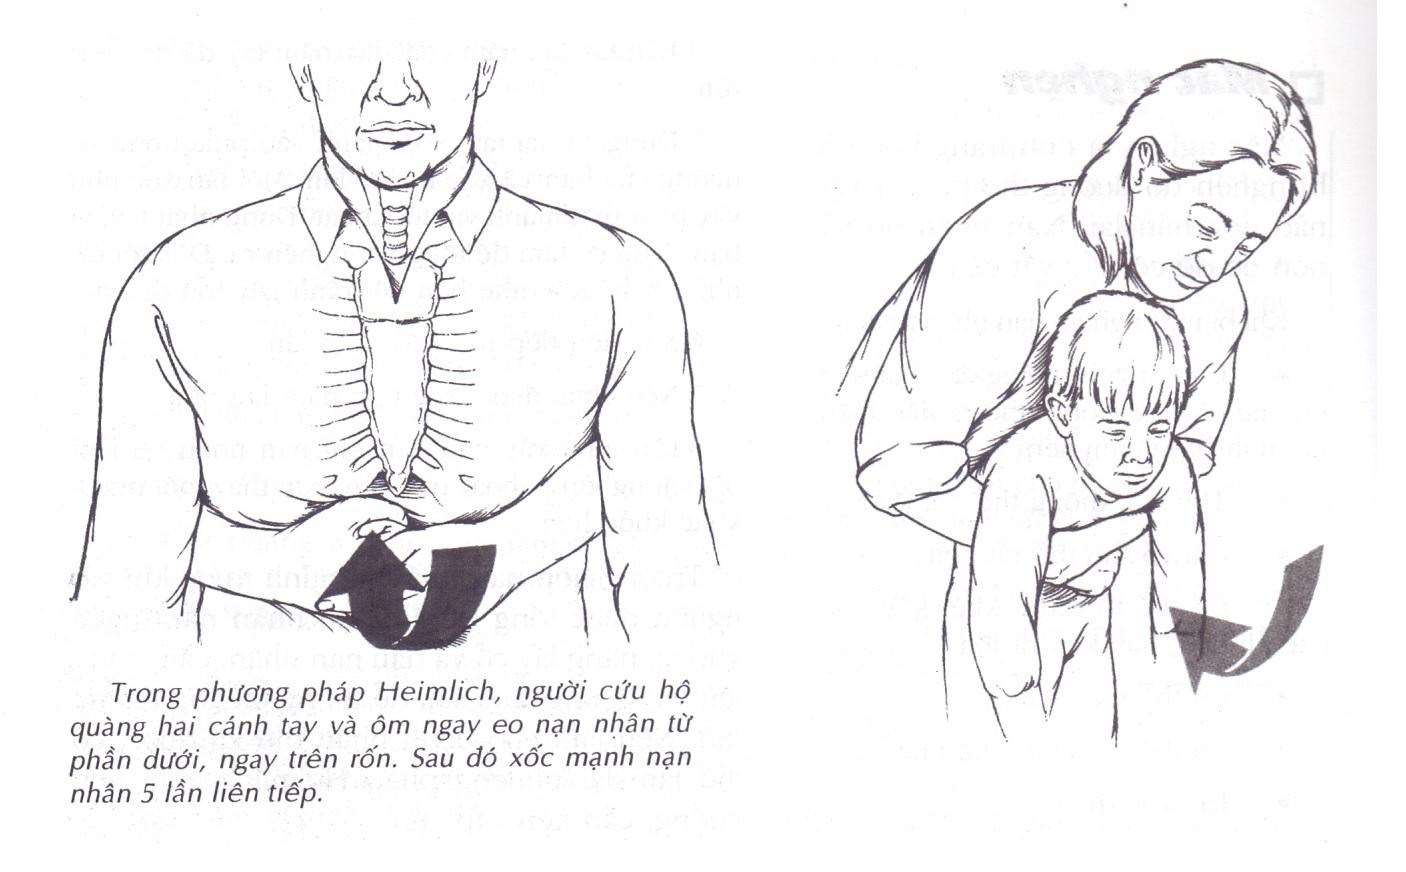 Cách dùng phương pháp Heimlich để chữa nghẹn